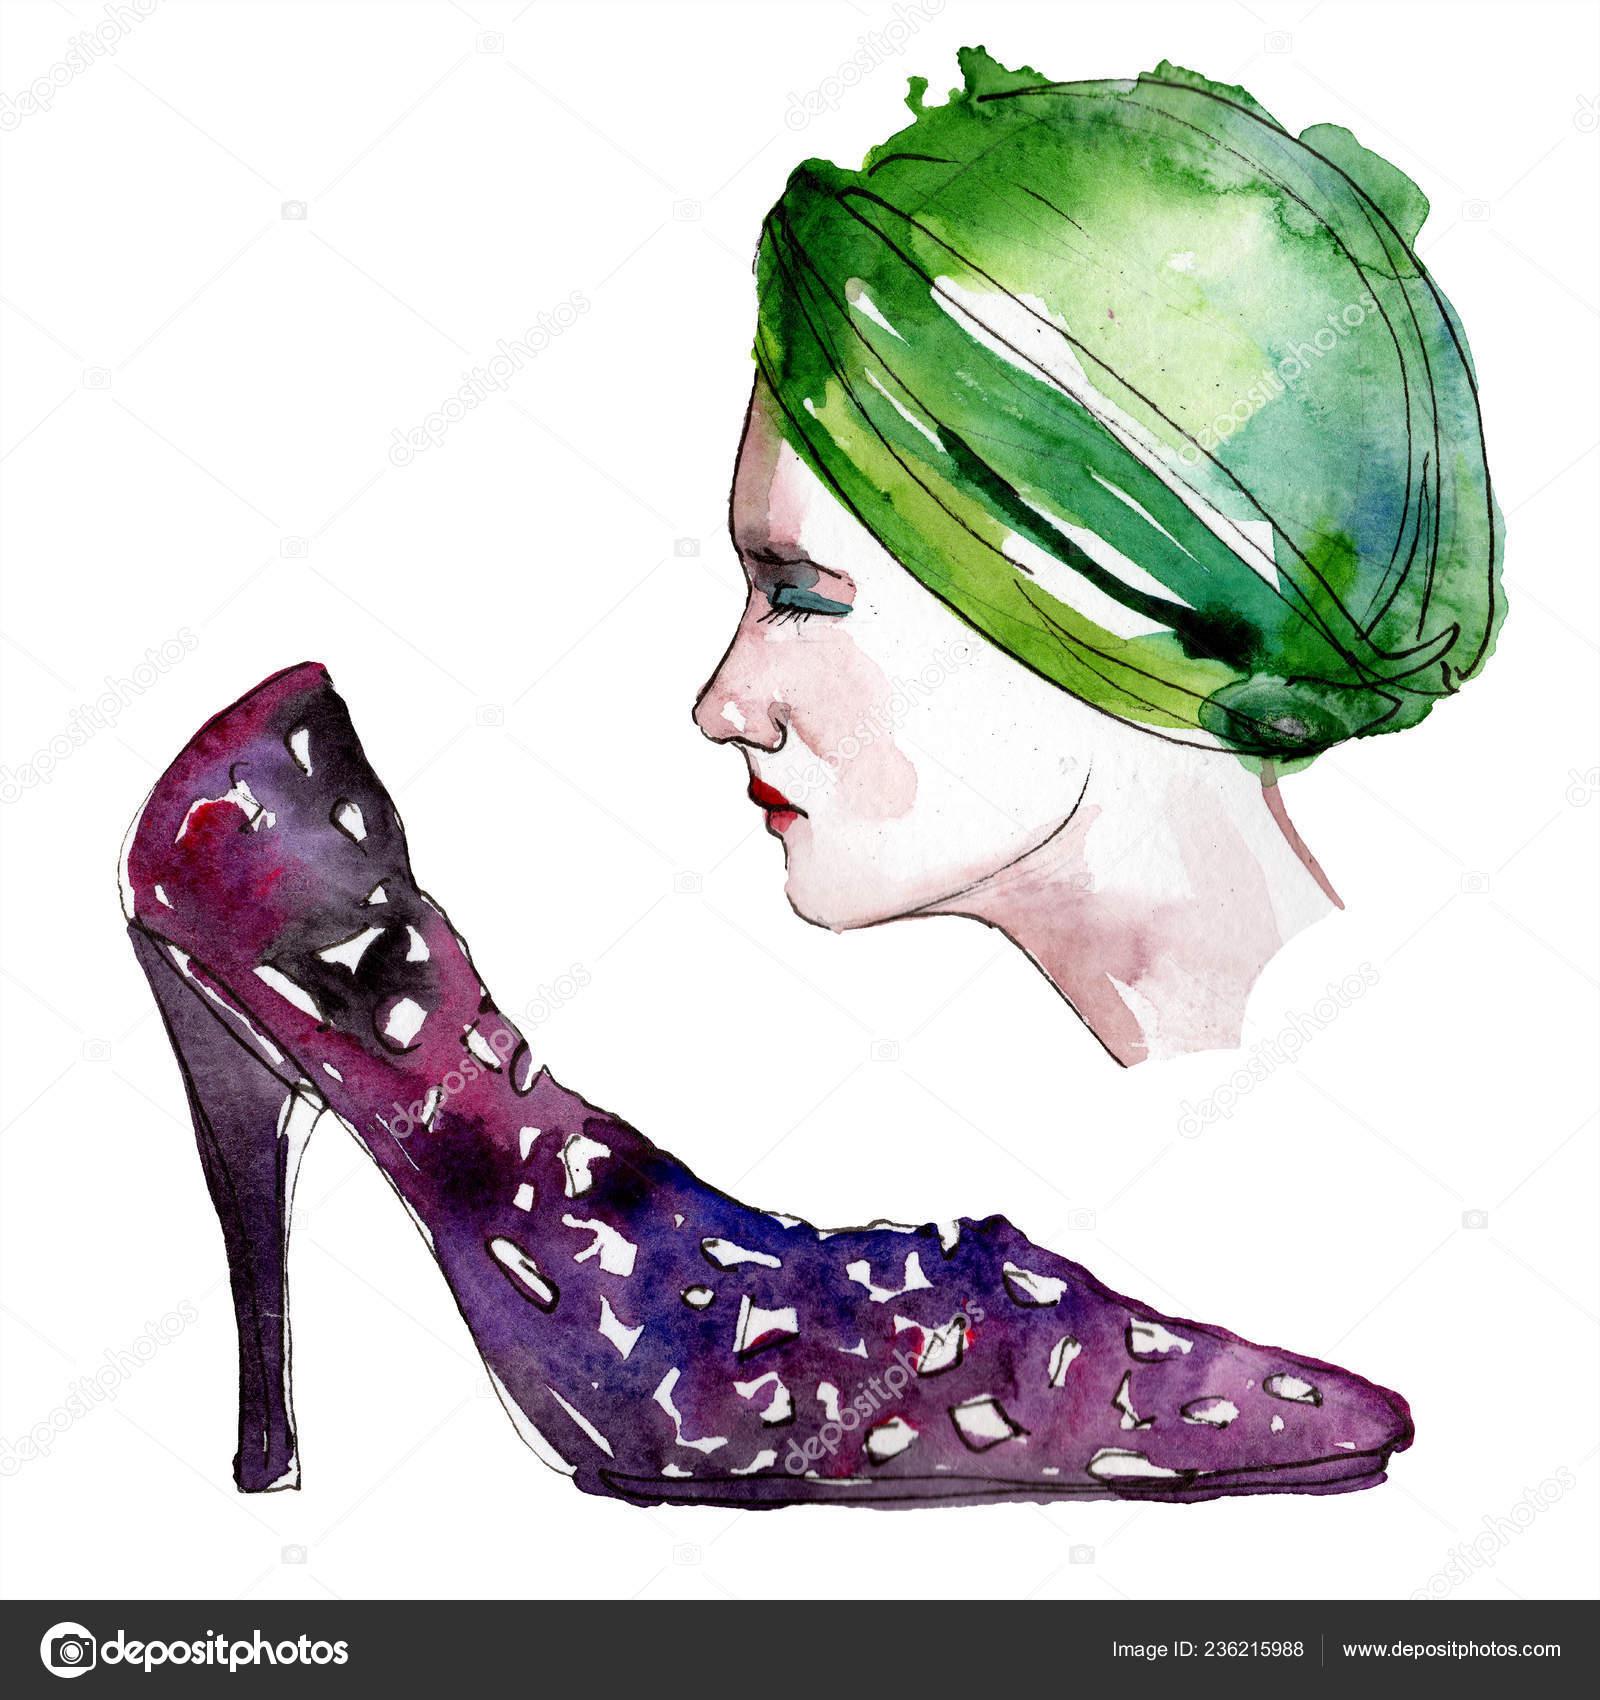 a8f662da48c Шляпа Обуви Эскиз Иллюстрация Гламур Моды Стиле Акварели Одежда Аксессуары  — стоковое фото